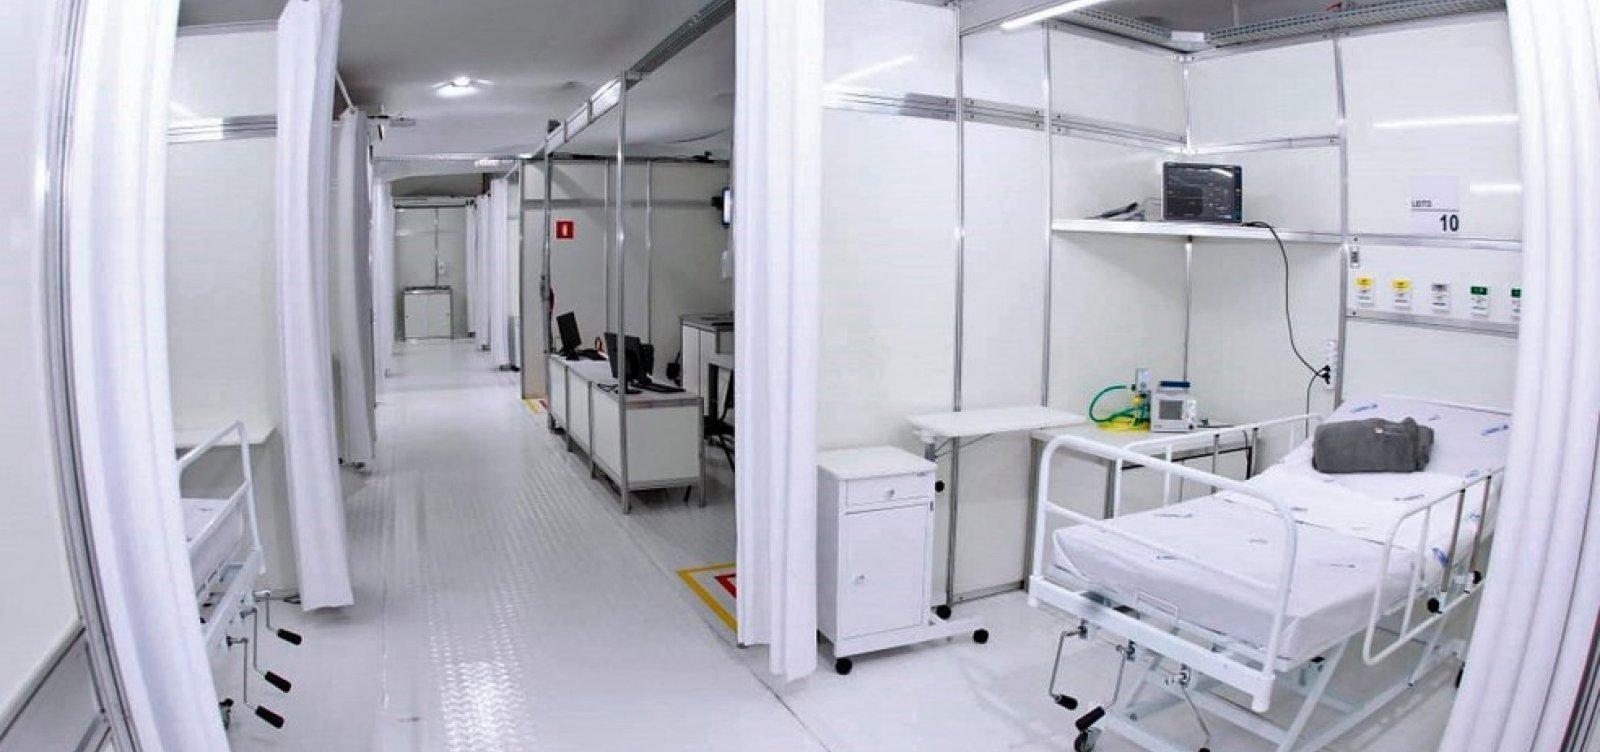 Bahia registra 32 óbitos e 3.041 novos casos de Covid-19 nas últimas 24h